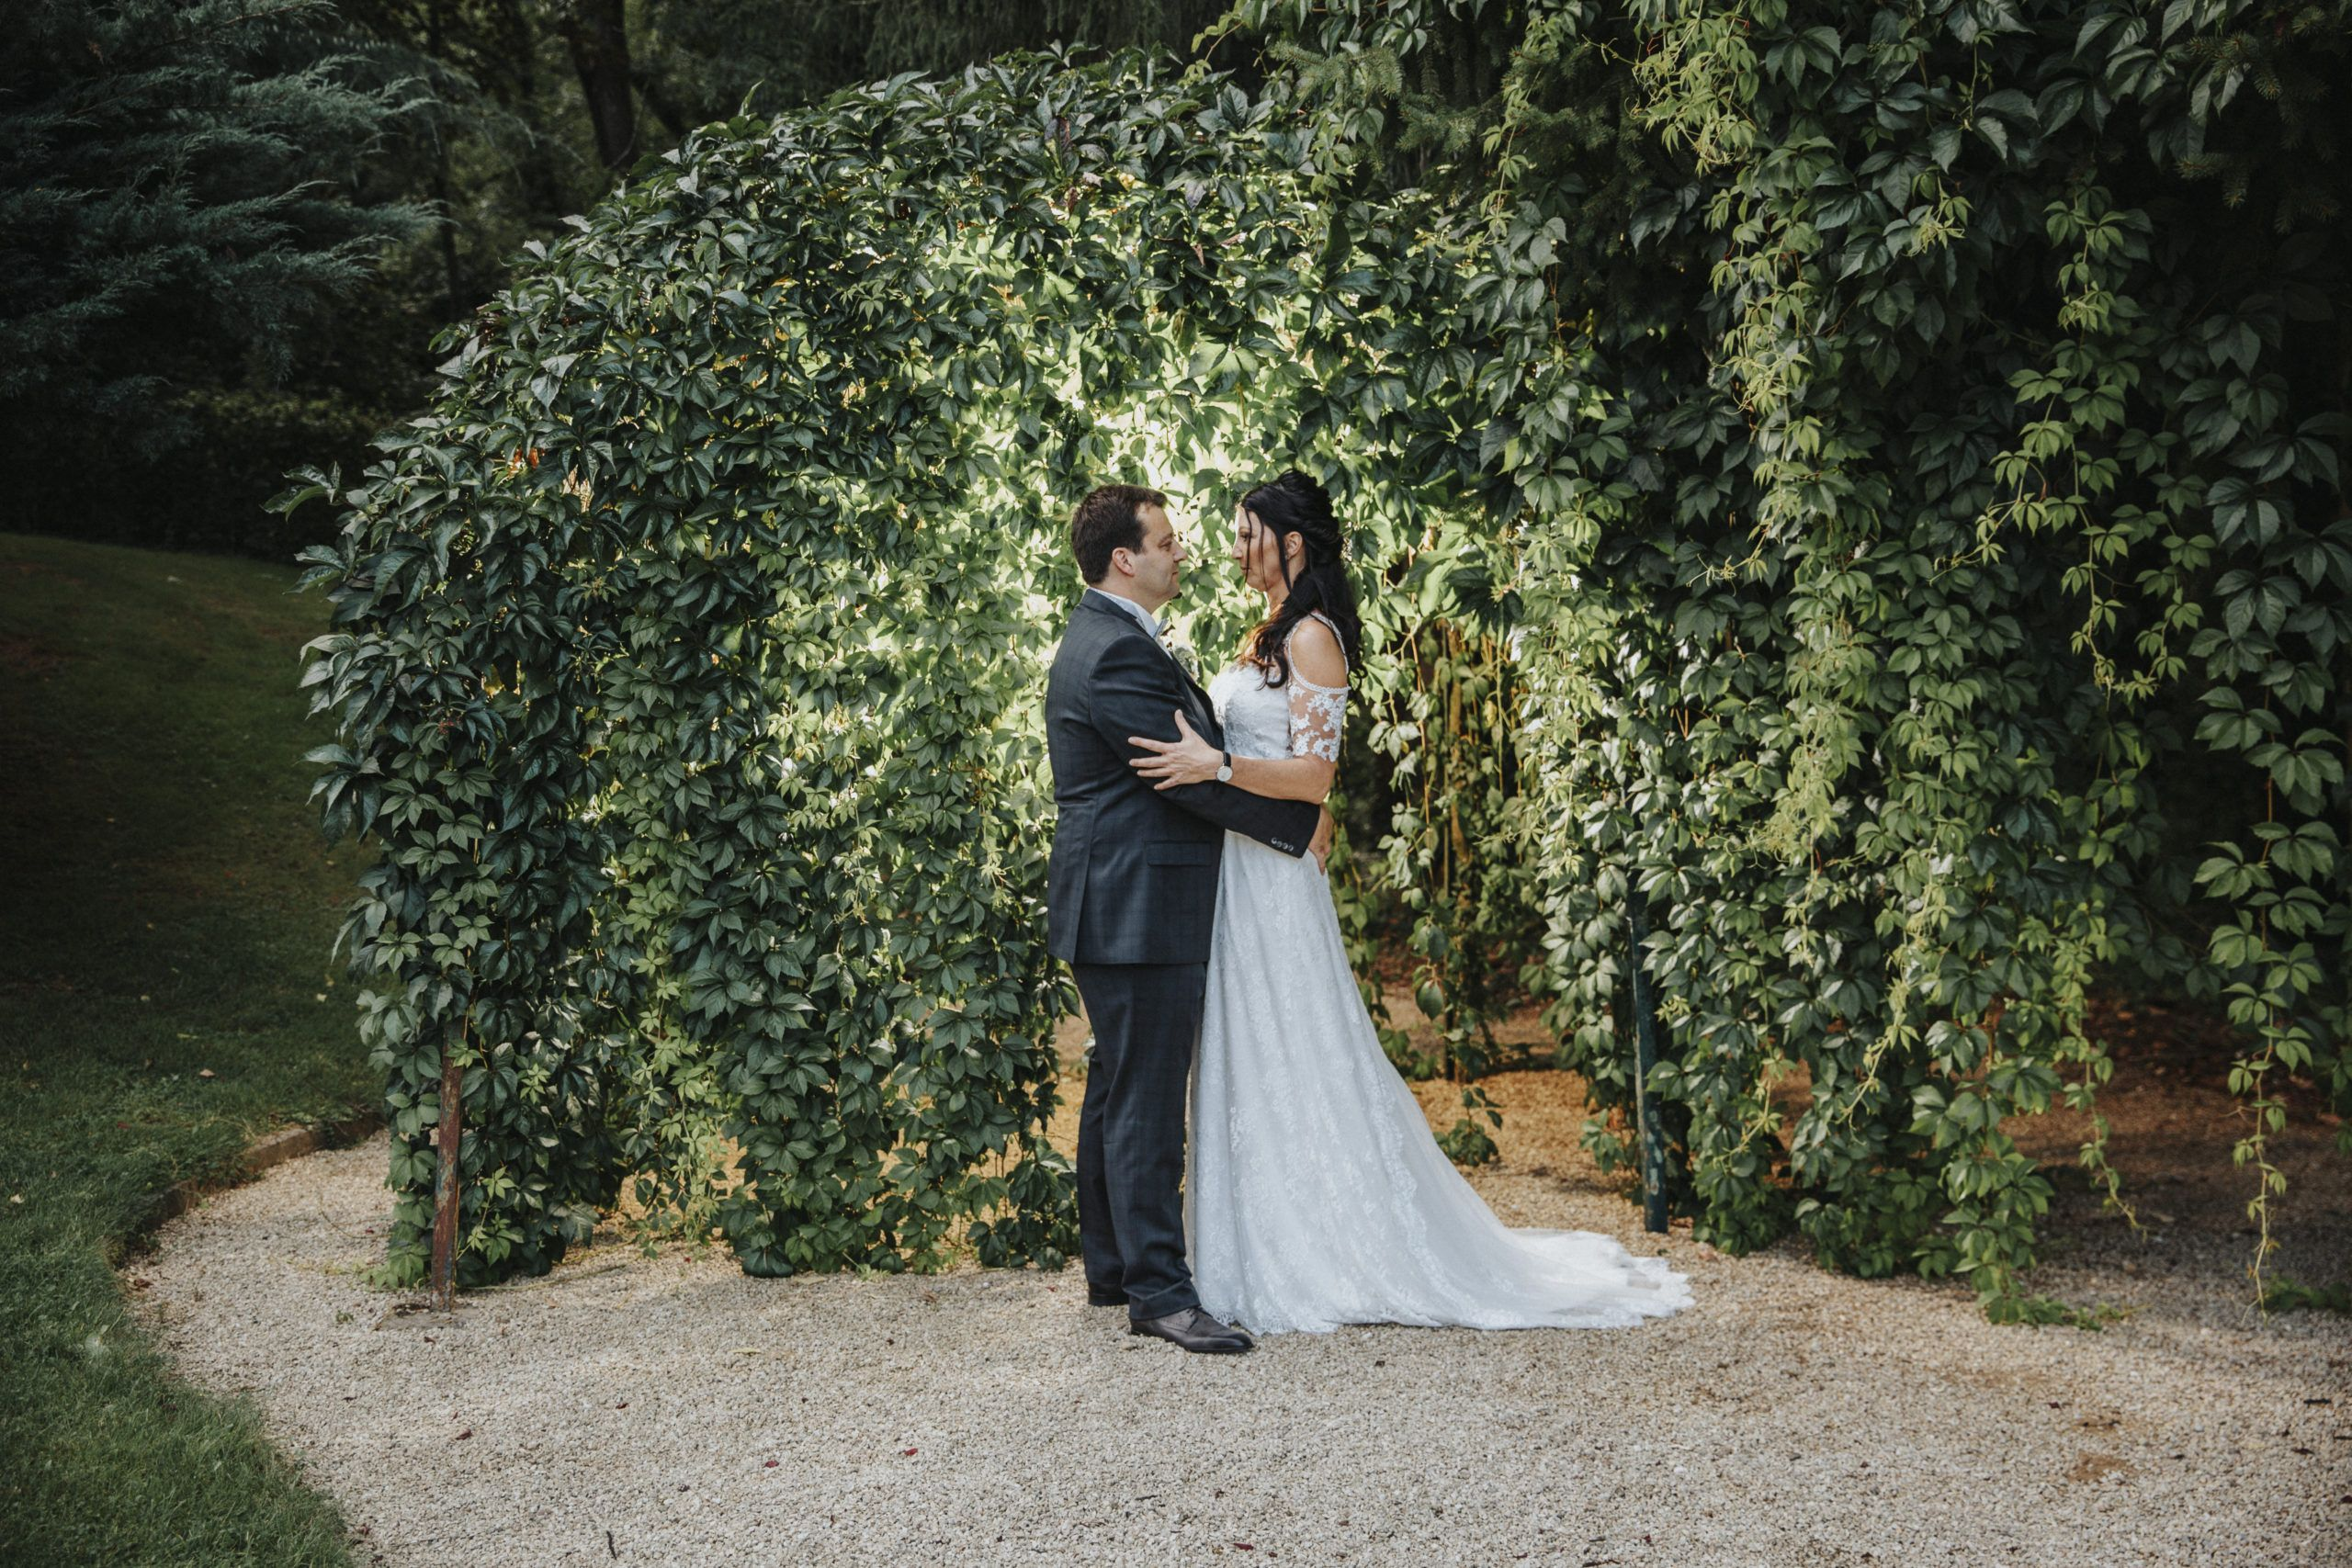 Hochzeit Heiraten Hotel Bel Air Echternach Hochzeitsfotograf Trier Bitburg Hochzeitsfotograf Hochzeit Hochzeitsfotografie